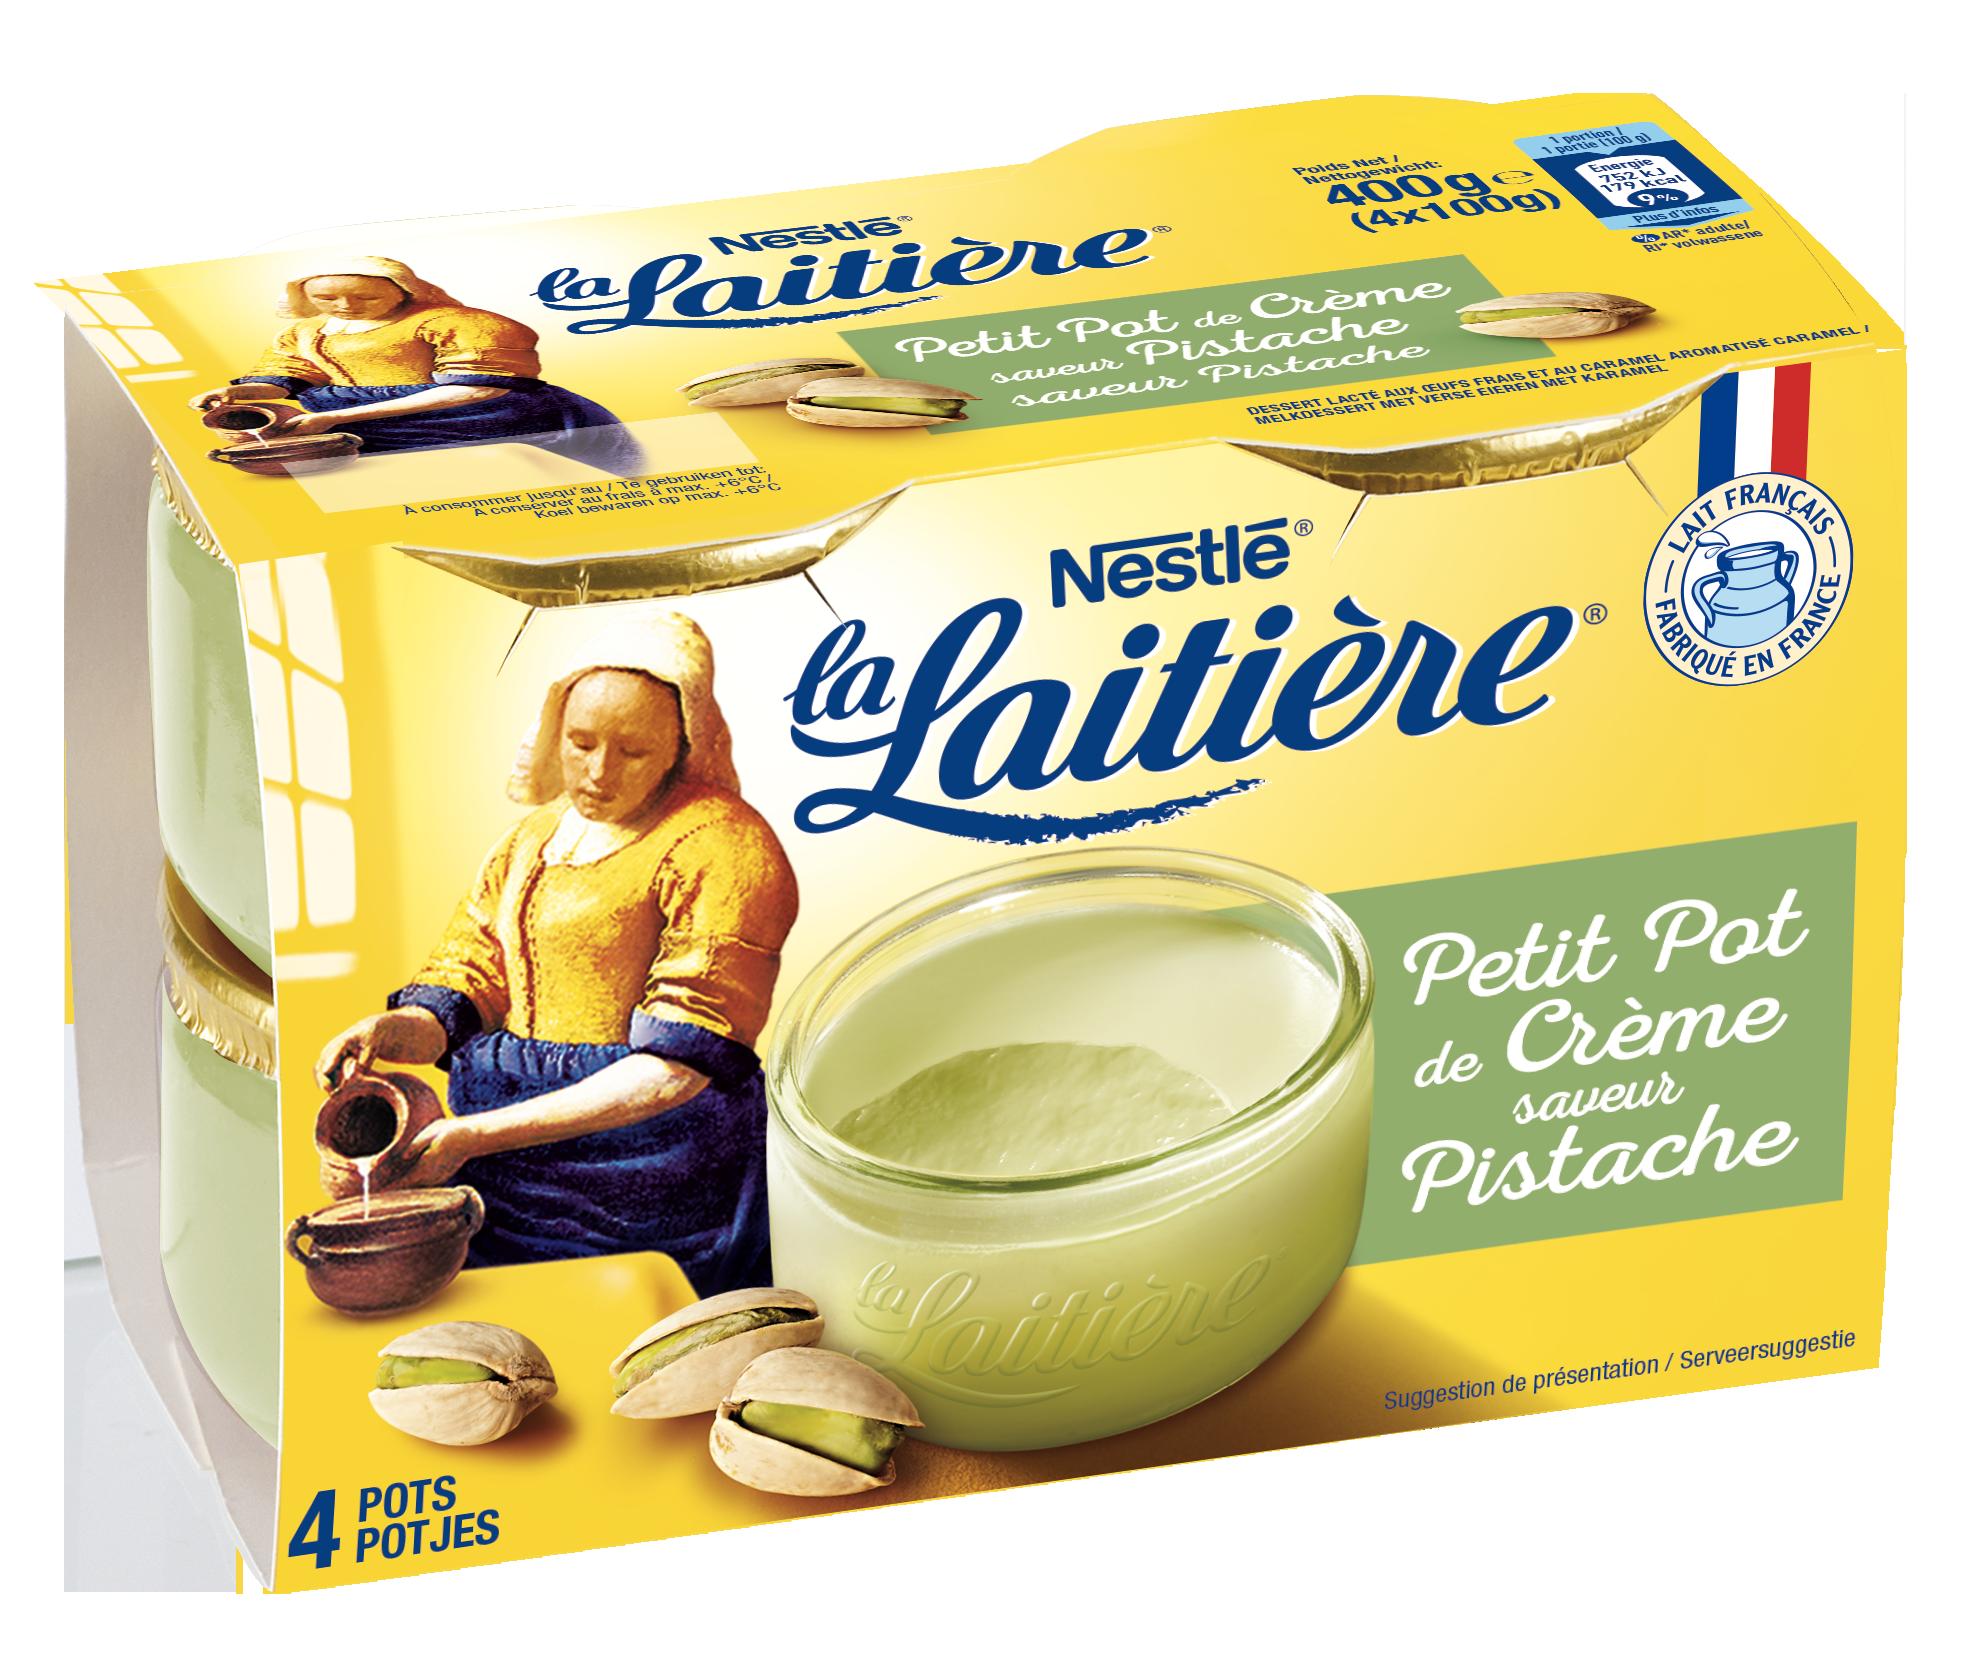 Petit pot de Crème Pistache